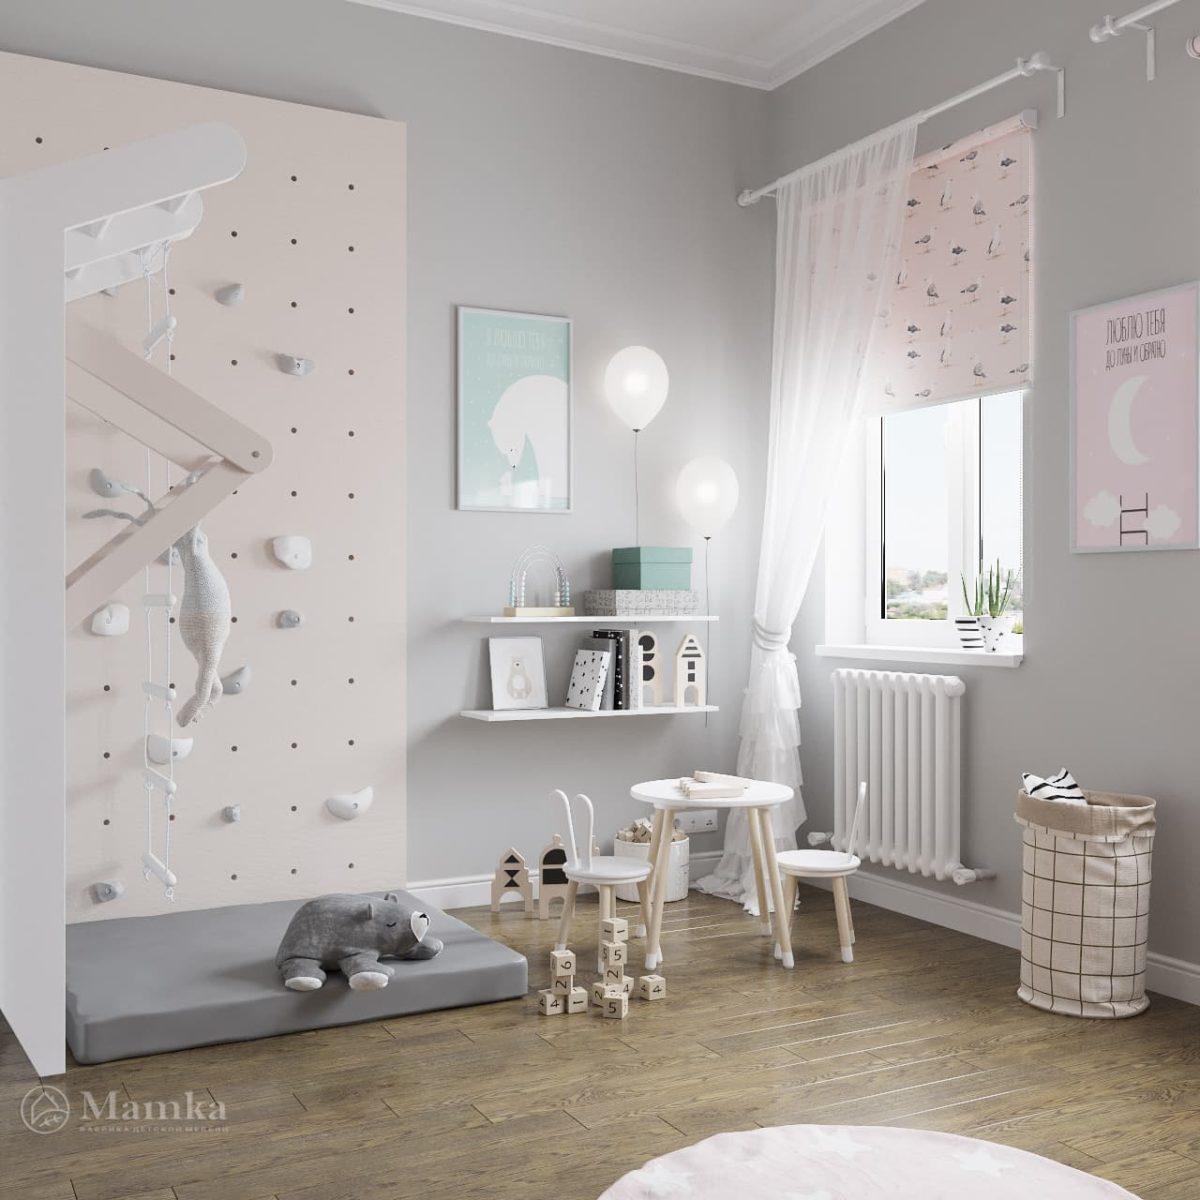 Дизайн детской для девочки фото 14-6